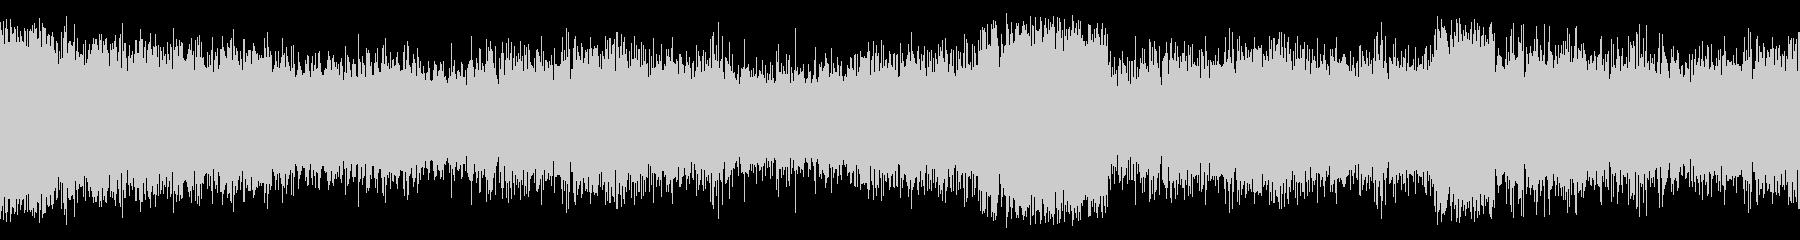 双方向無線:静的、通信、ノイズ静的...の未再生の波形